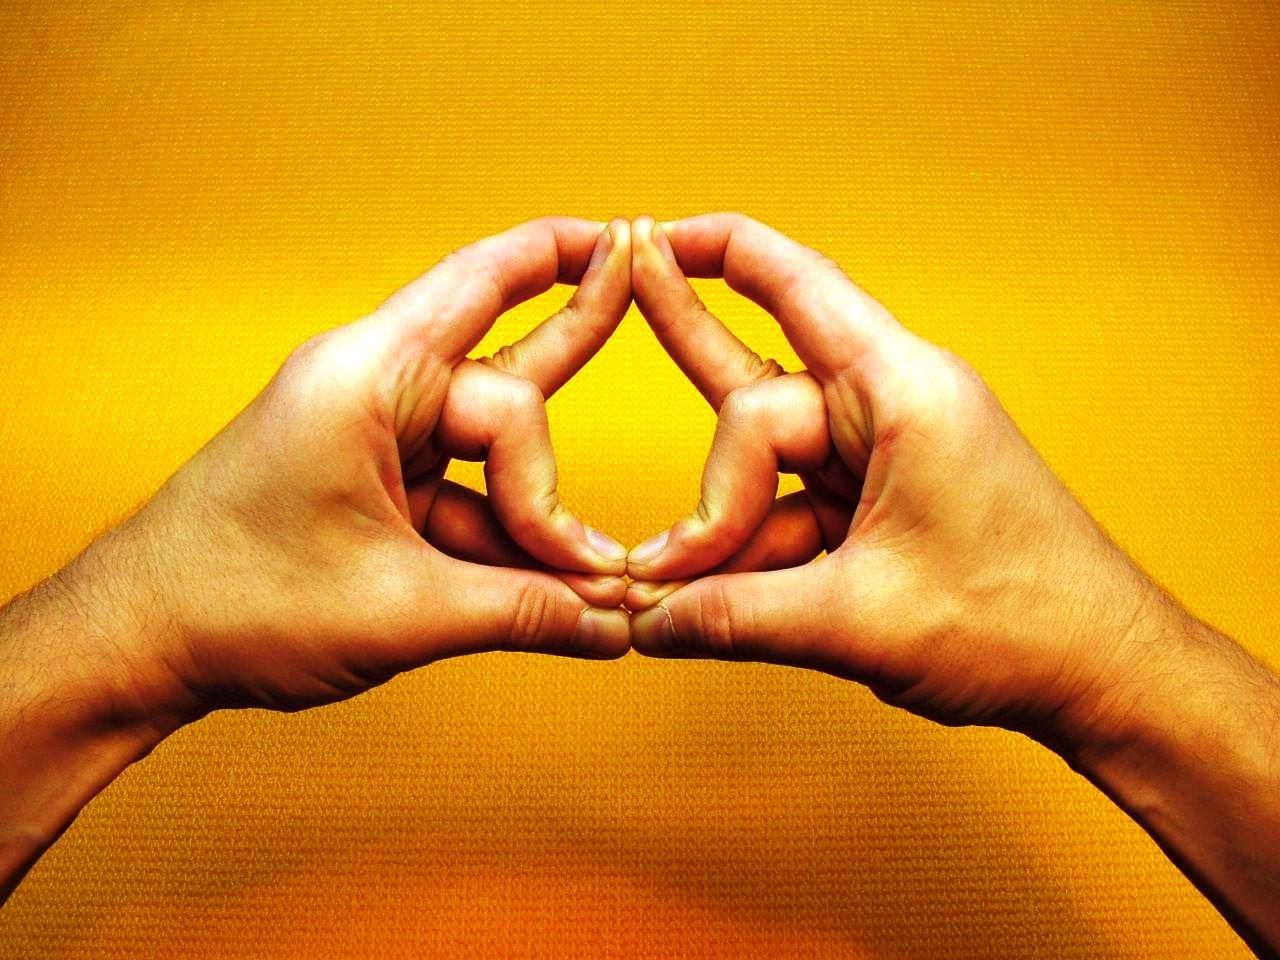 мудра любви фото дает возможность качественно